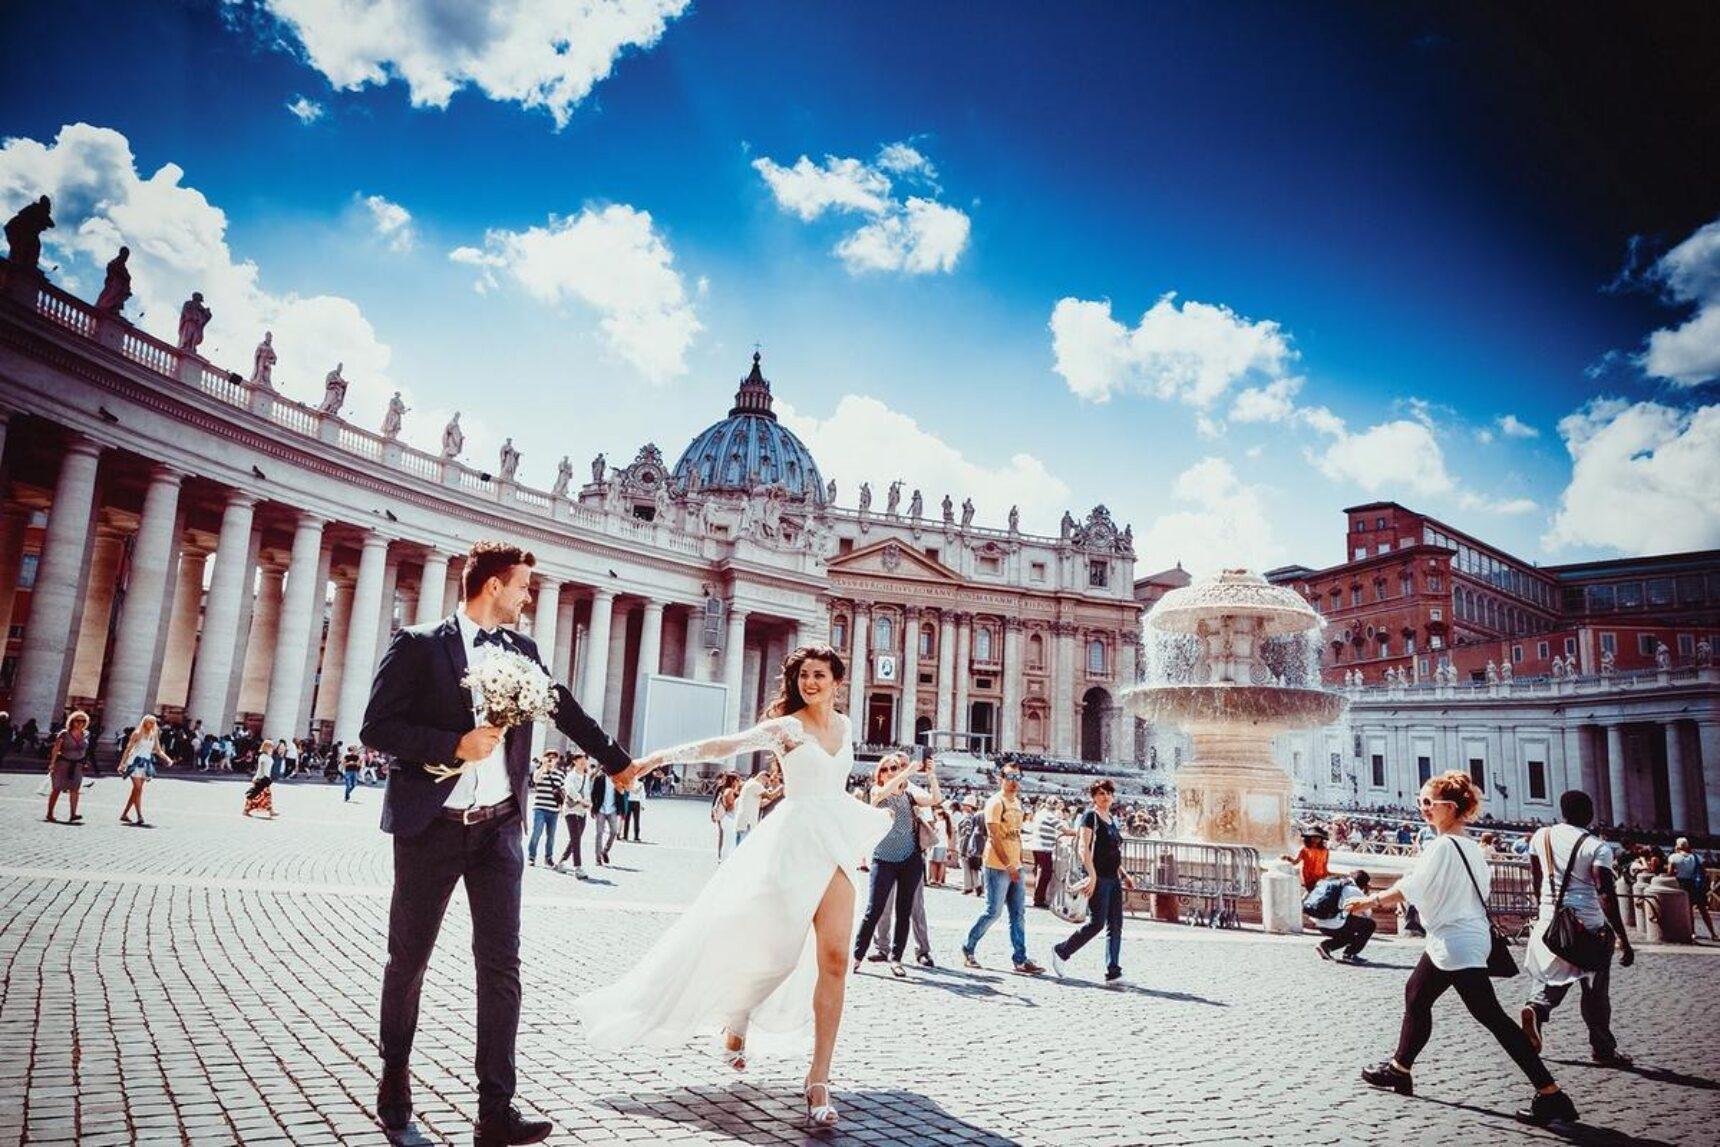 Czy ślub za granicą to dobry pomysł? Zobacz, jak go zorganizować